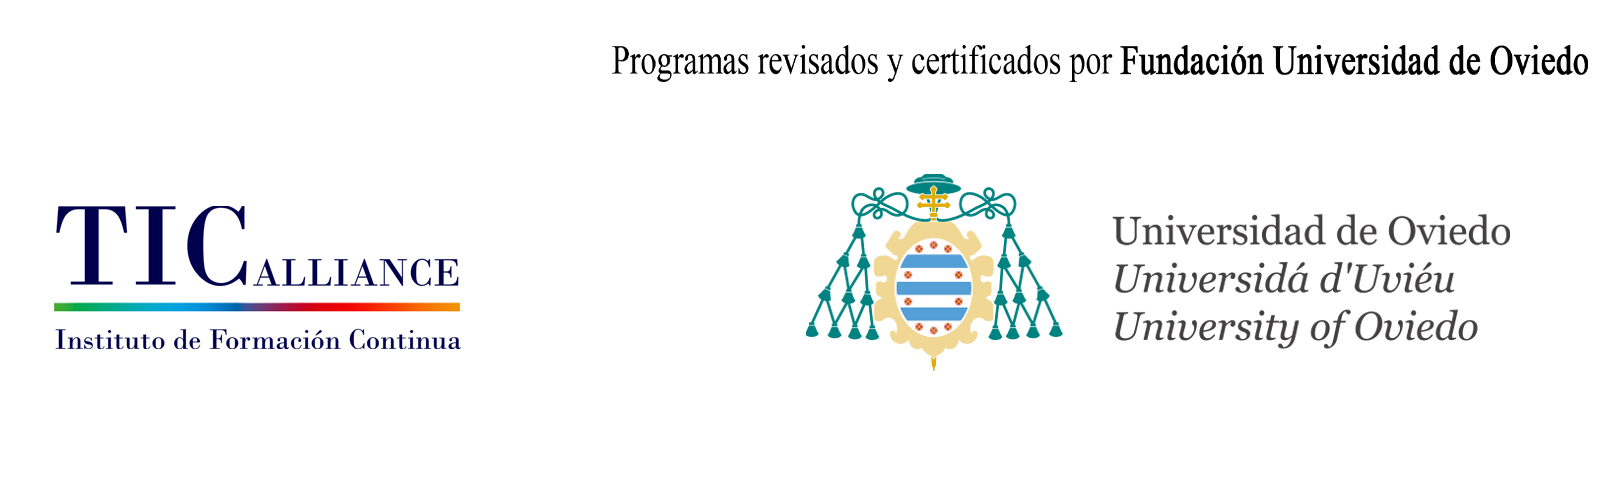 Logo Instituto de Formación Continua TIC Alliance - Fund. Universidad de Oviedo